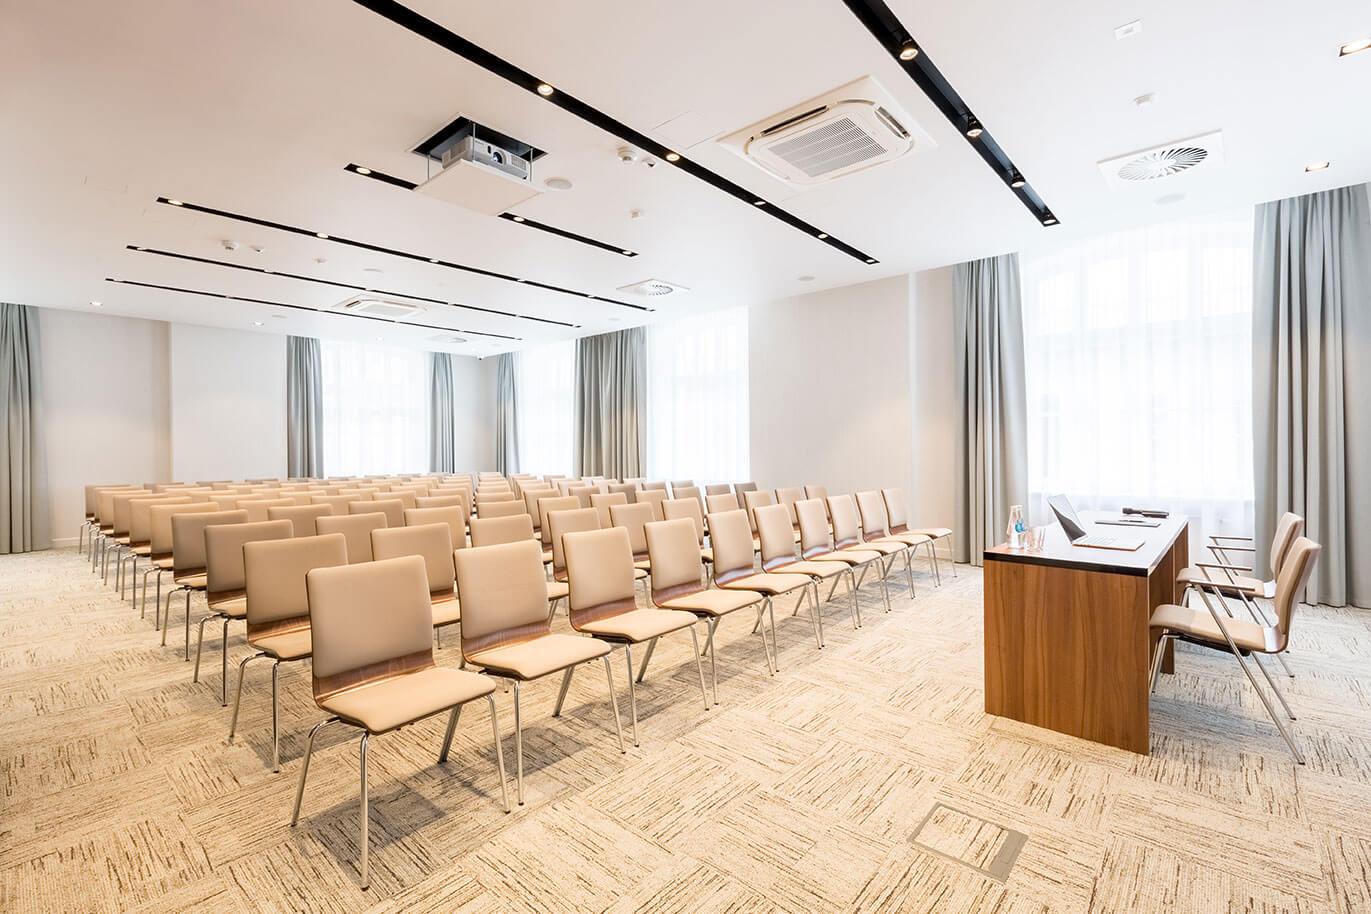 Sala conferenze presso l'hotel Grand Ascot a Cracovia